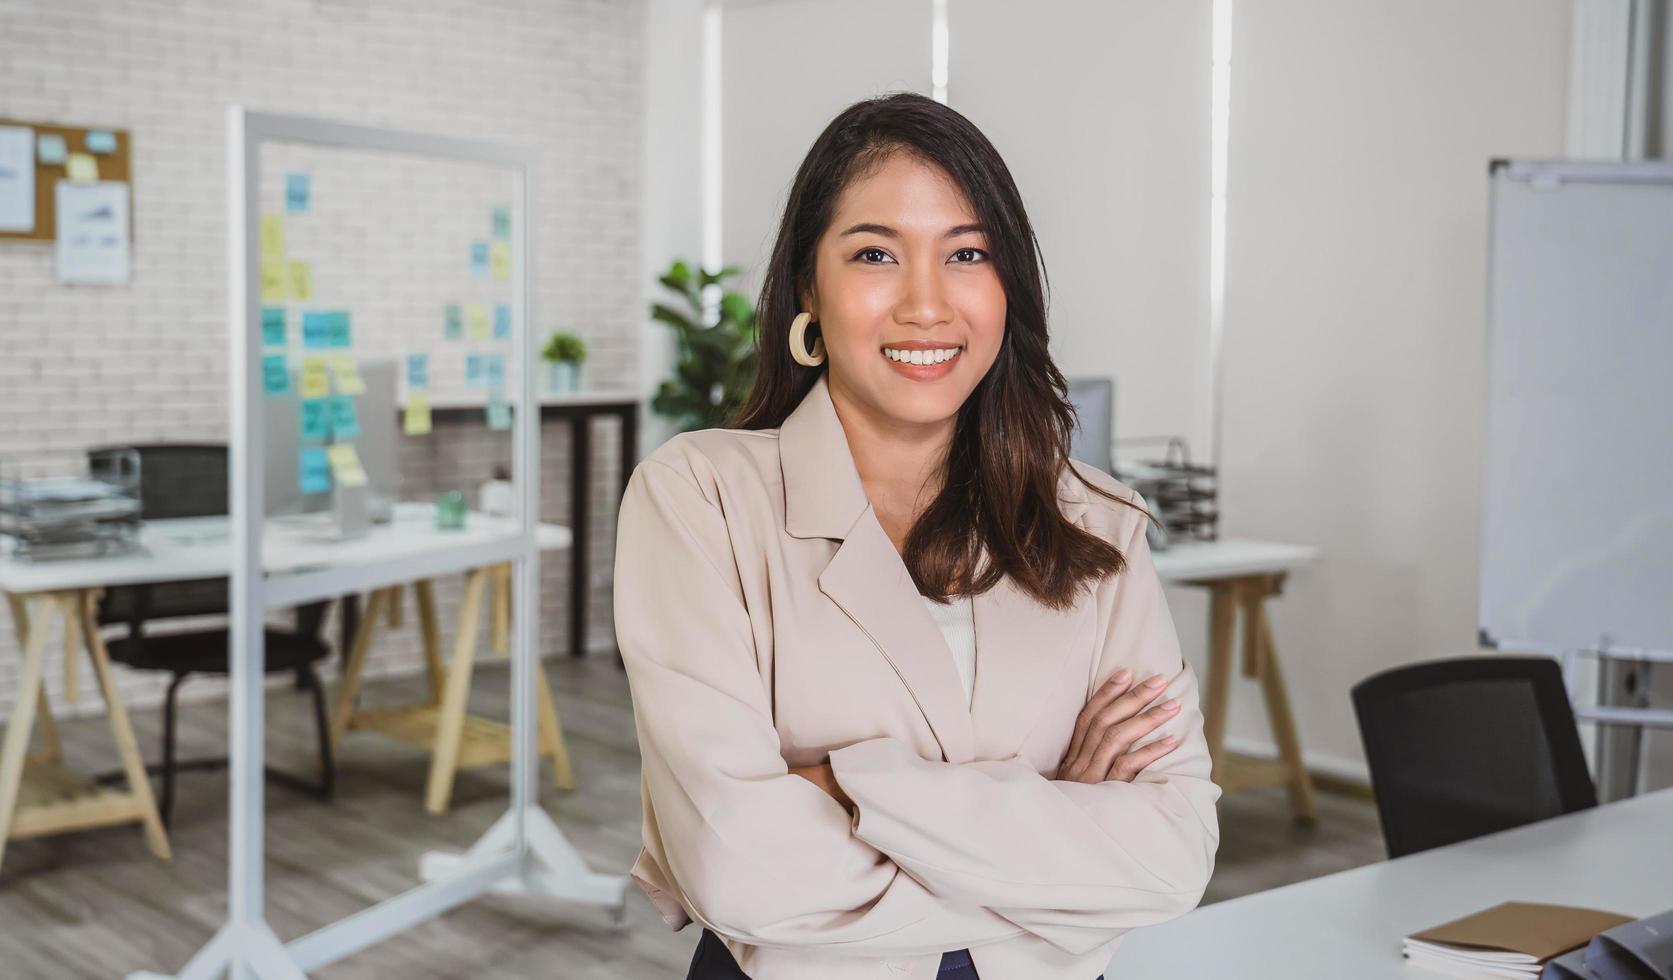 retrato de uma mulher de negócios asiáticos em um local de trabalho moderno foto